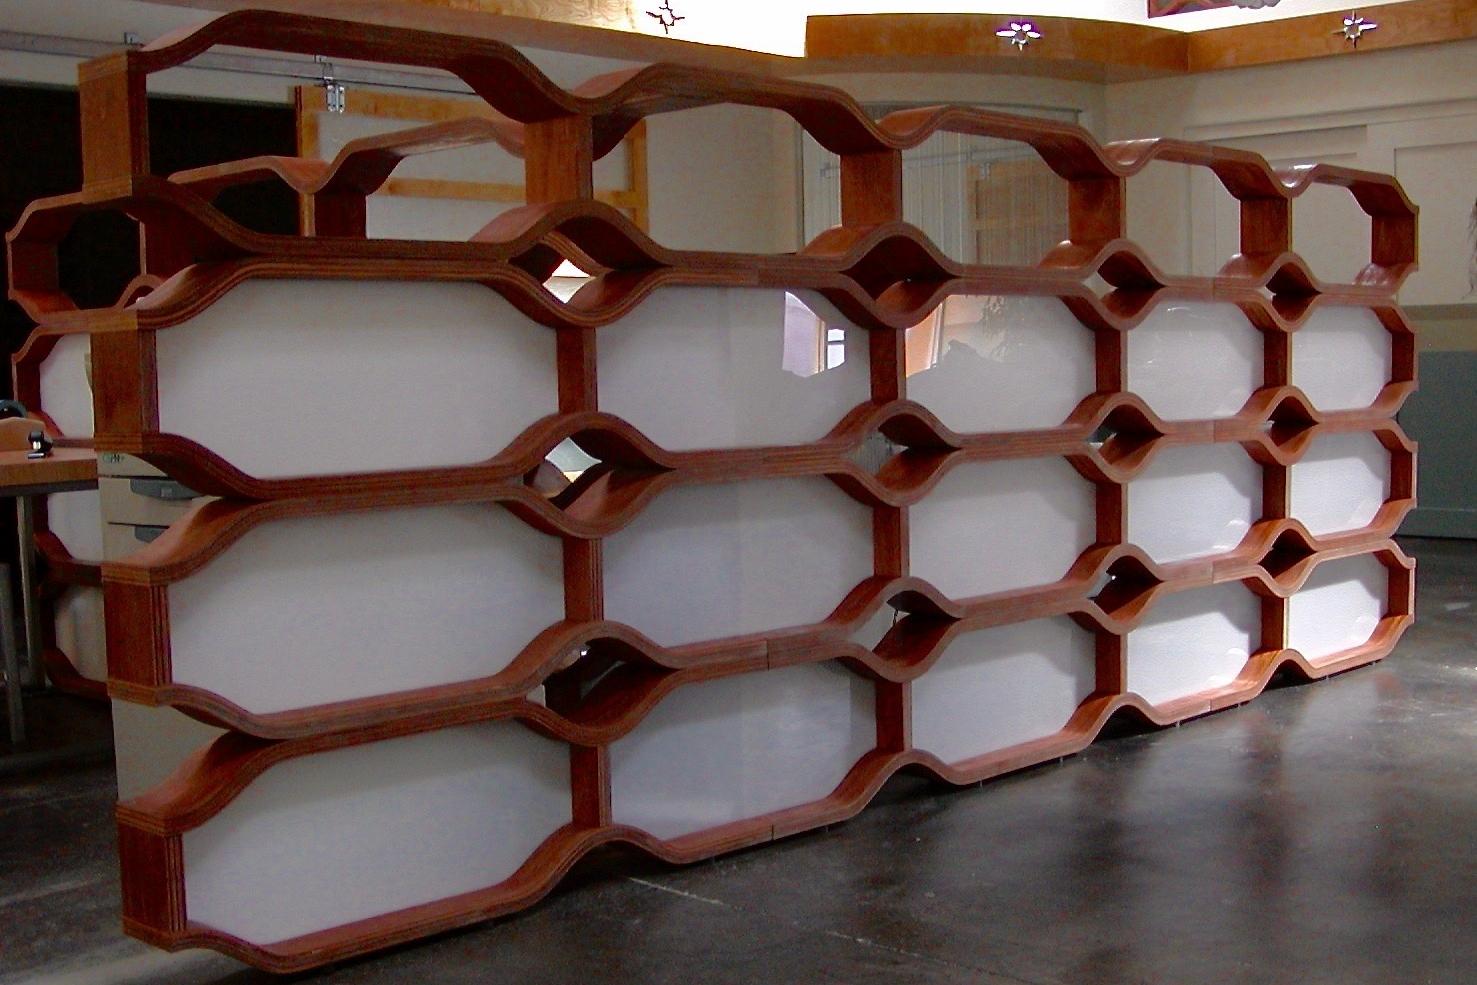 Bentwood office walls - bending Poplar and plexiglass